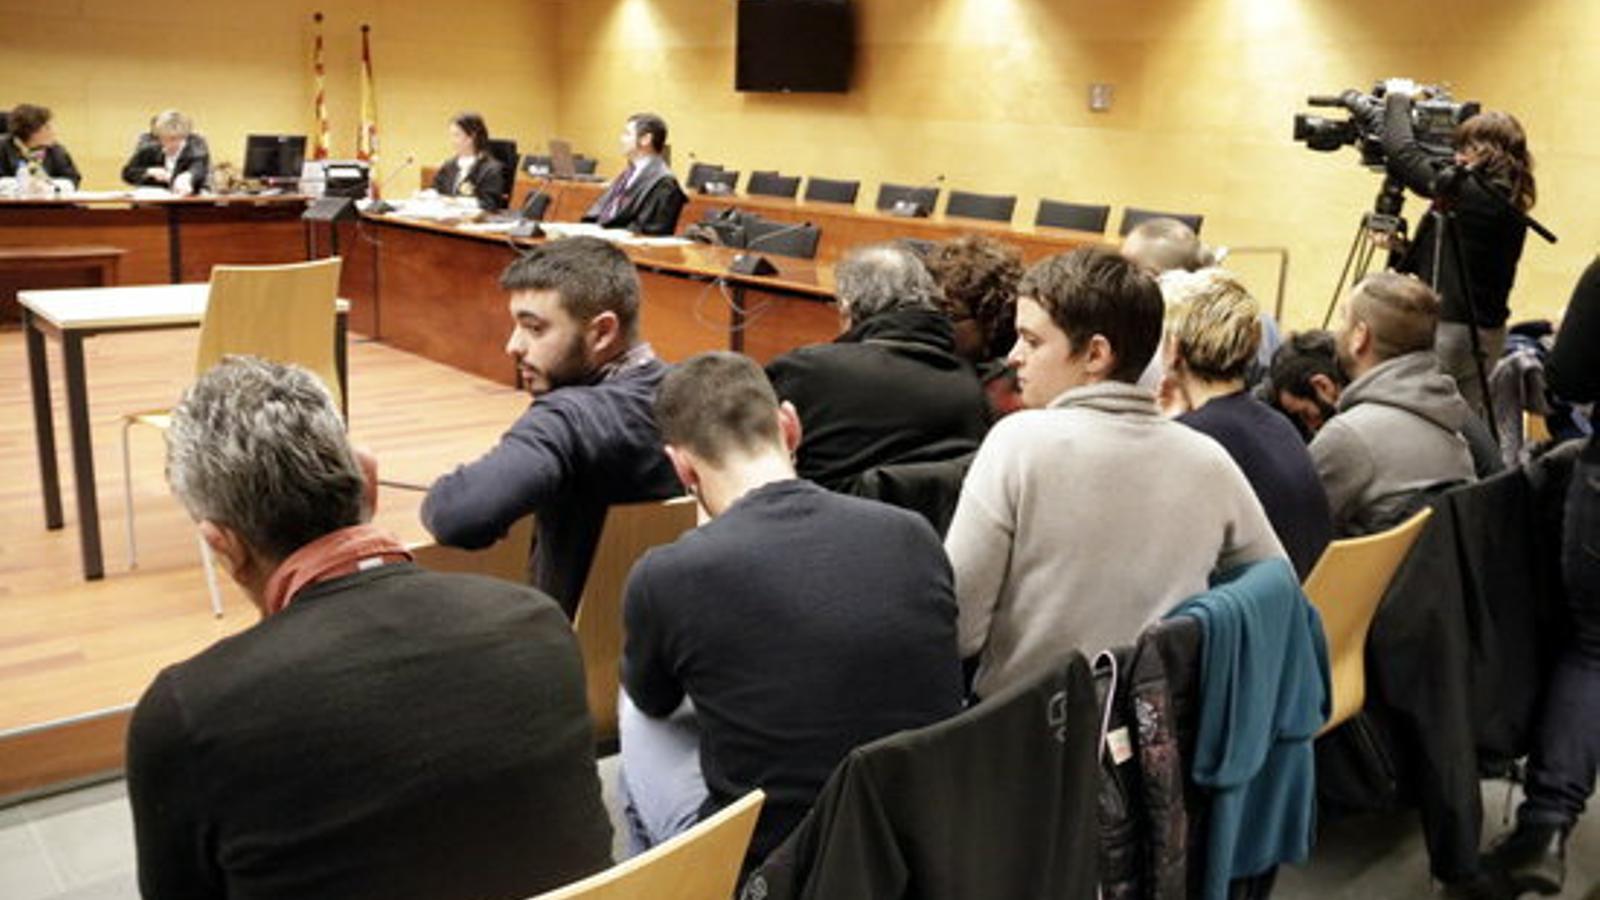 Els acusats per les protestes a la UdG el 2011 asseguts al banc dels acusats